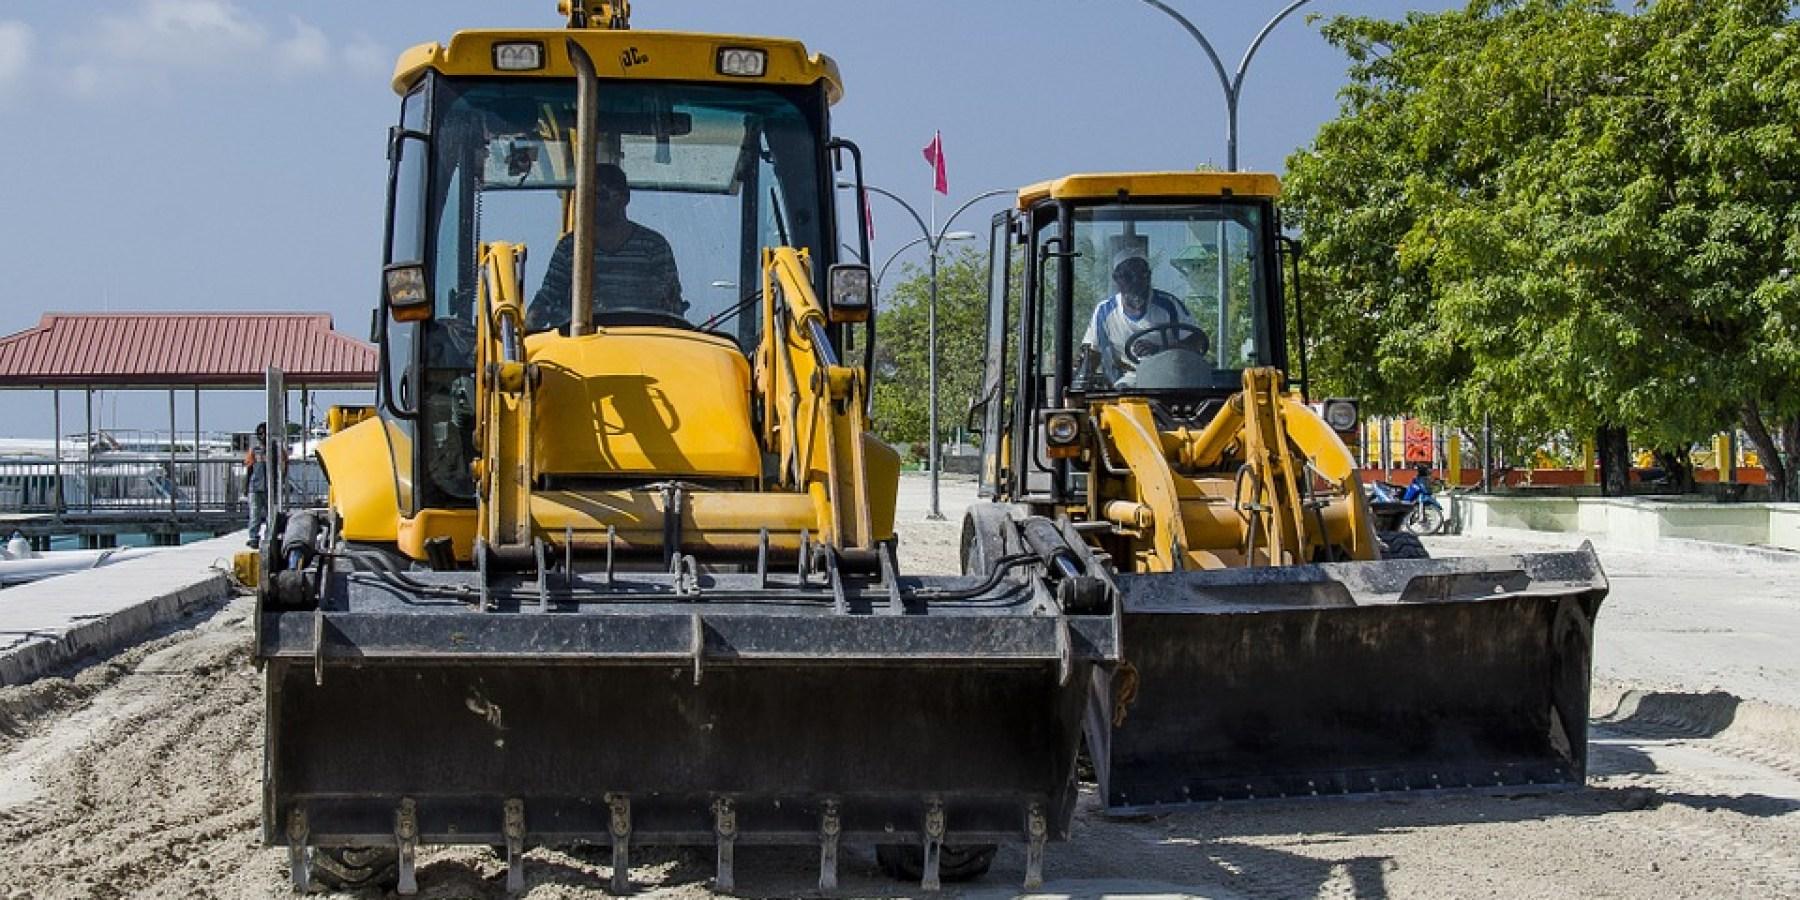 Großbaustelle Heroldstraße: Bürgersprechstunde fällt bis auf weiteres aus